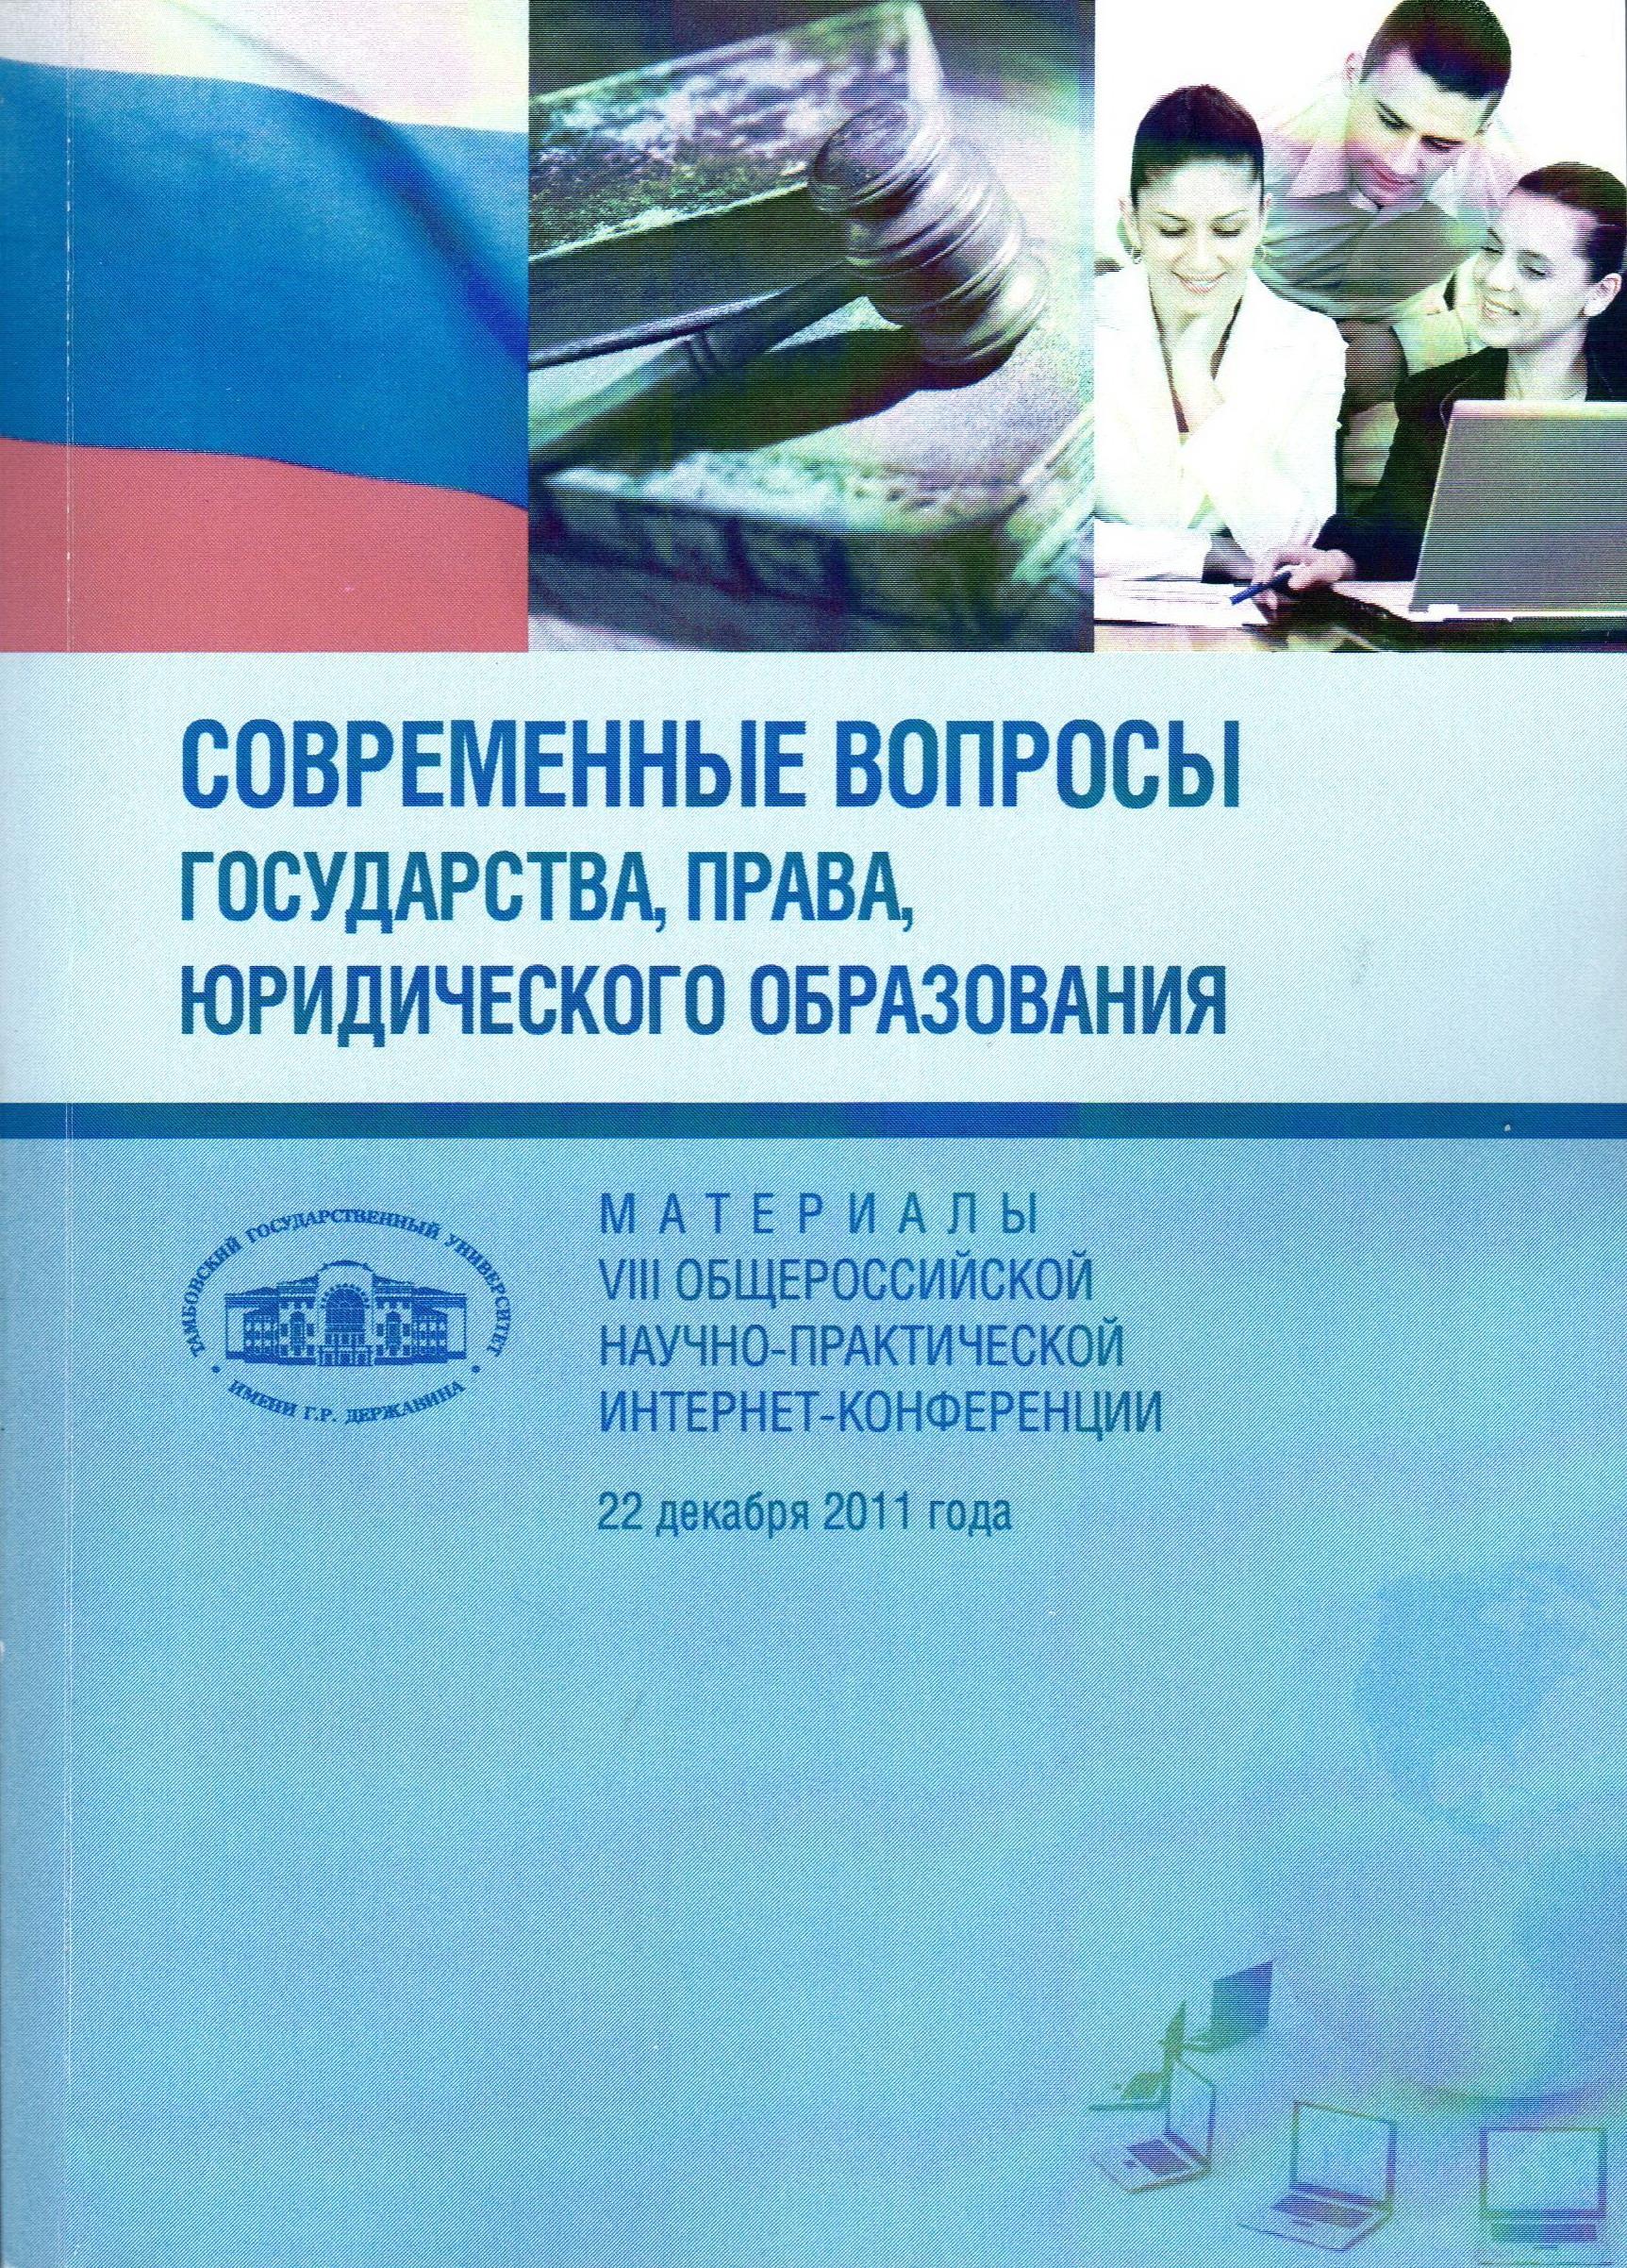 Современные вопросы государства, права, юридического образования: материалы VIII Общероссийской научно-практической интернет-конференции, 22 декабря 2011 г.